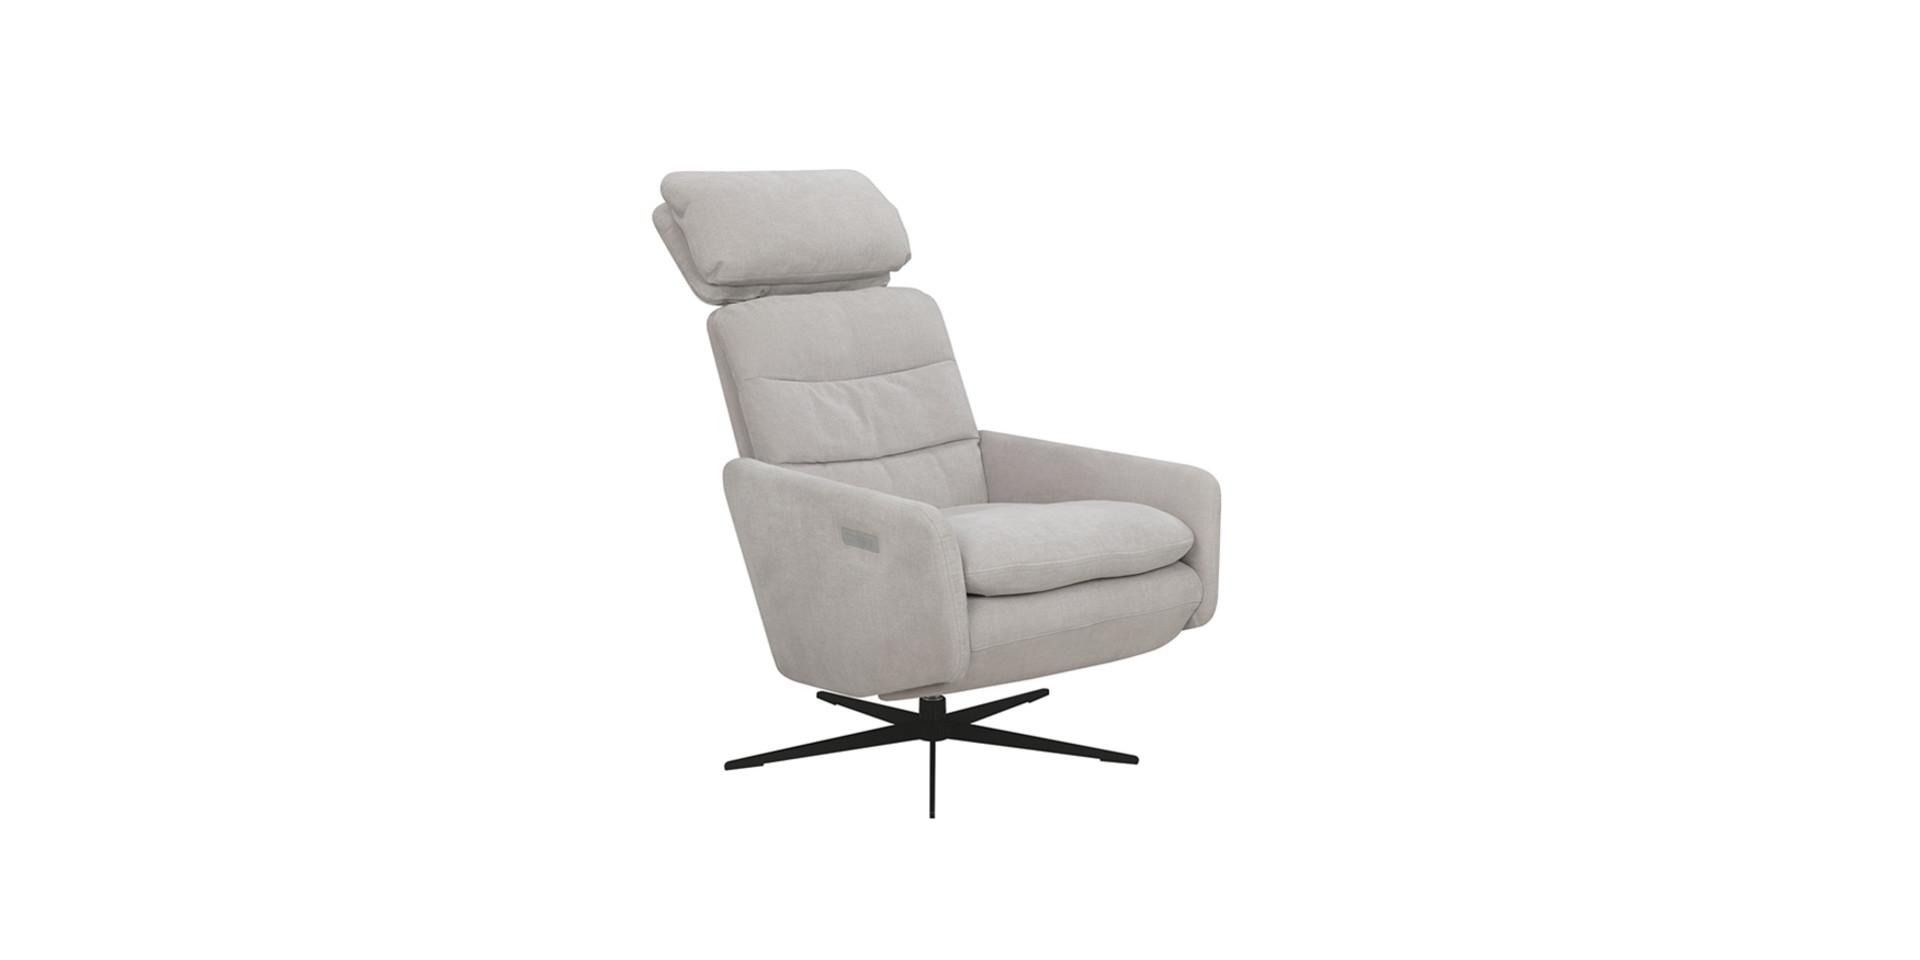 LIV_armchair_caleido10996_grey-beige_7